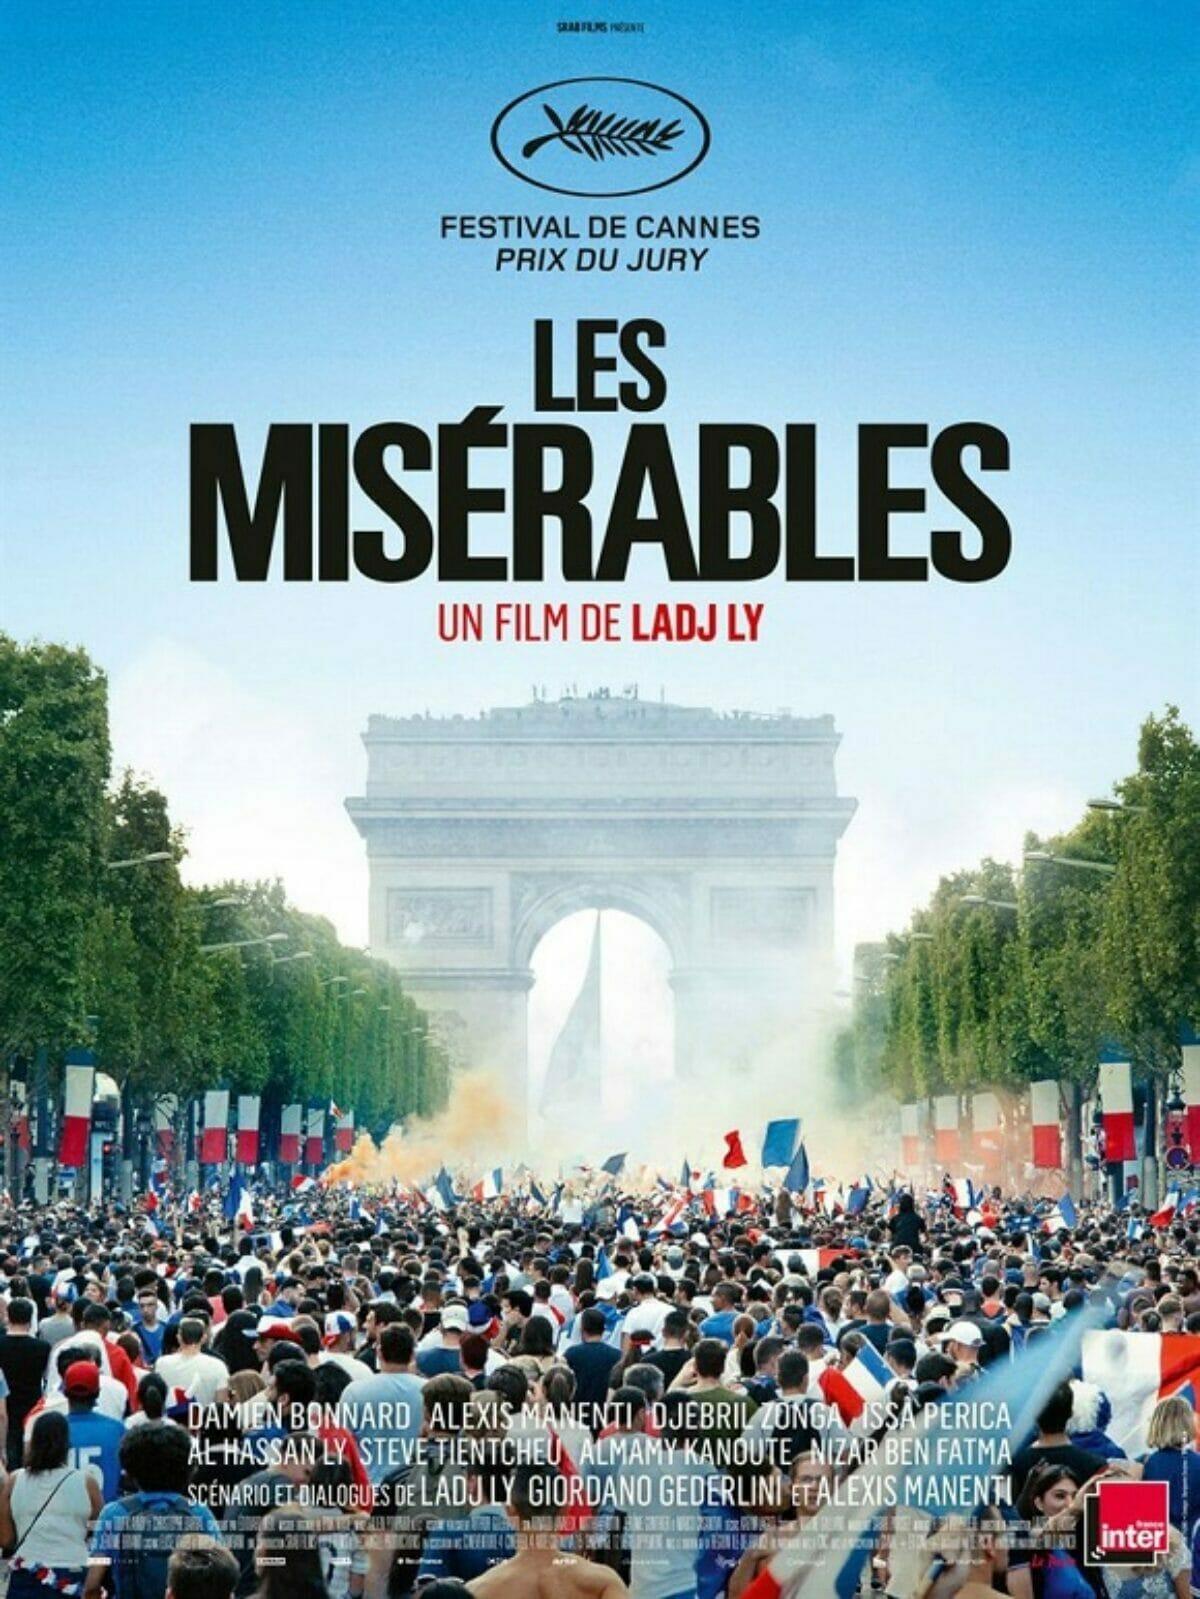 Les-Misérables-poster